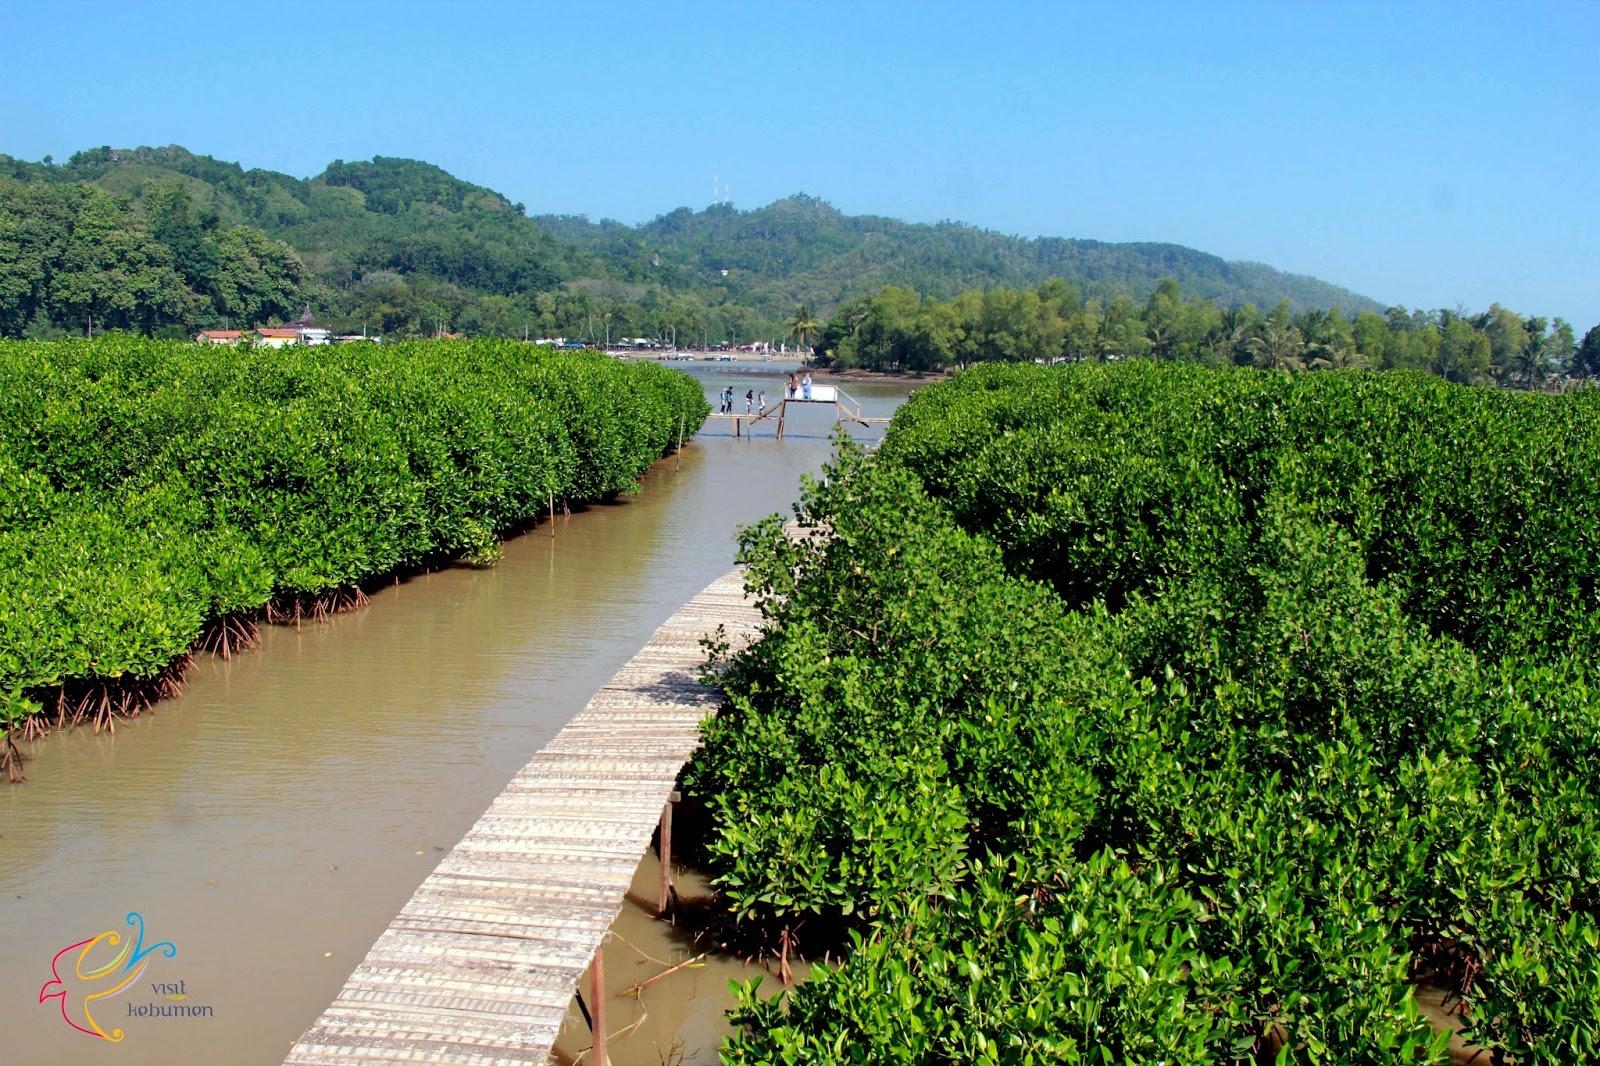 Wisata Mangrove Logending Ayah Kebumen Visit Hutan Kab